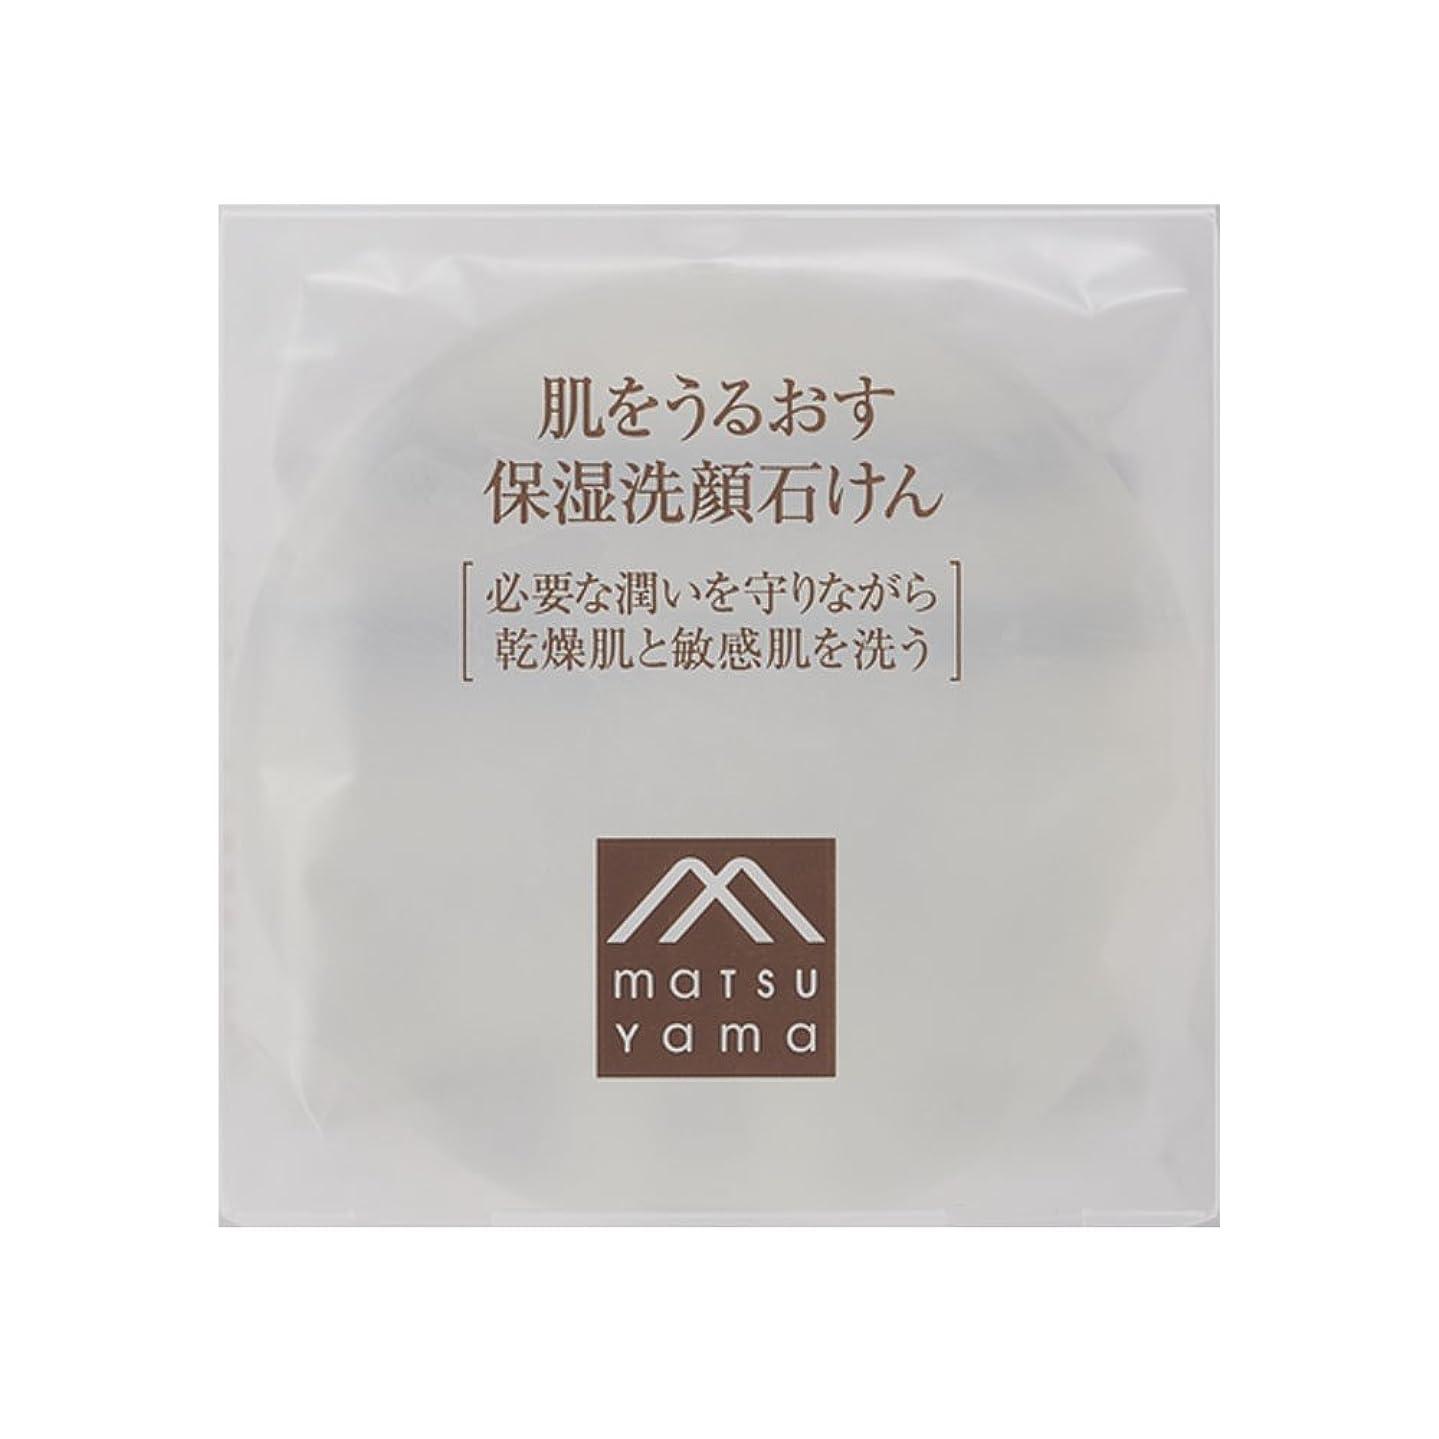 帝国減衰白鳥肌をうるおす保湿洗顔石けん(洗顔料) [乾燥肌 敏感肌]